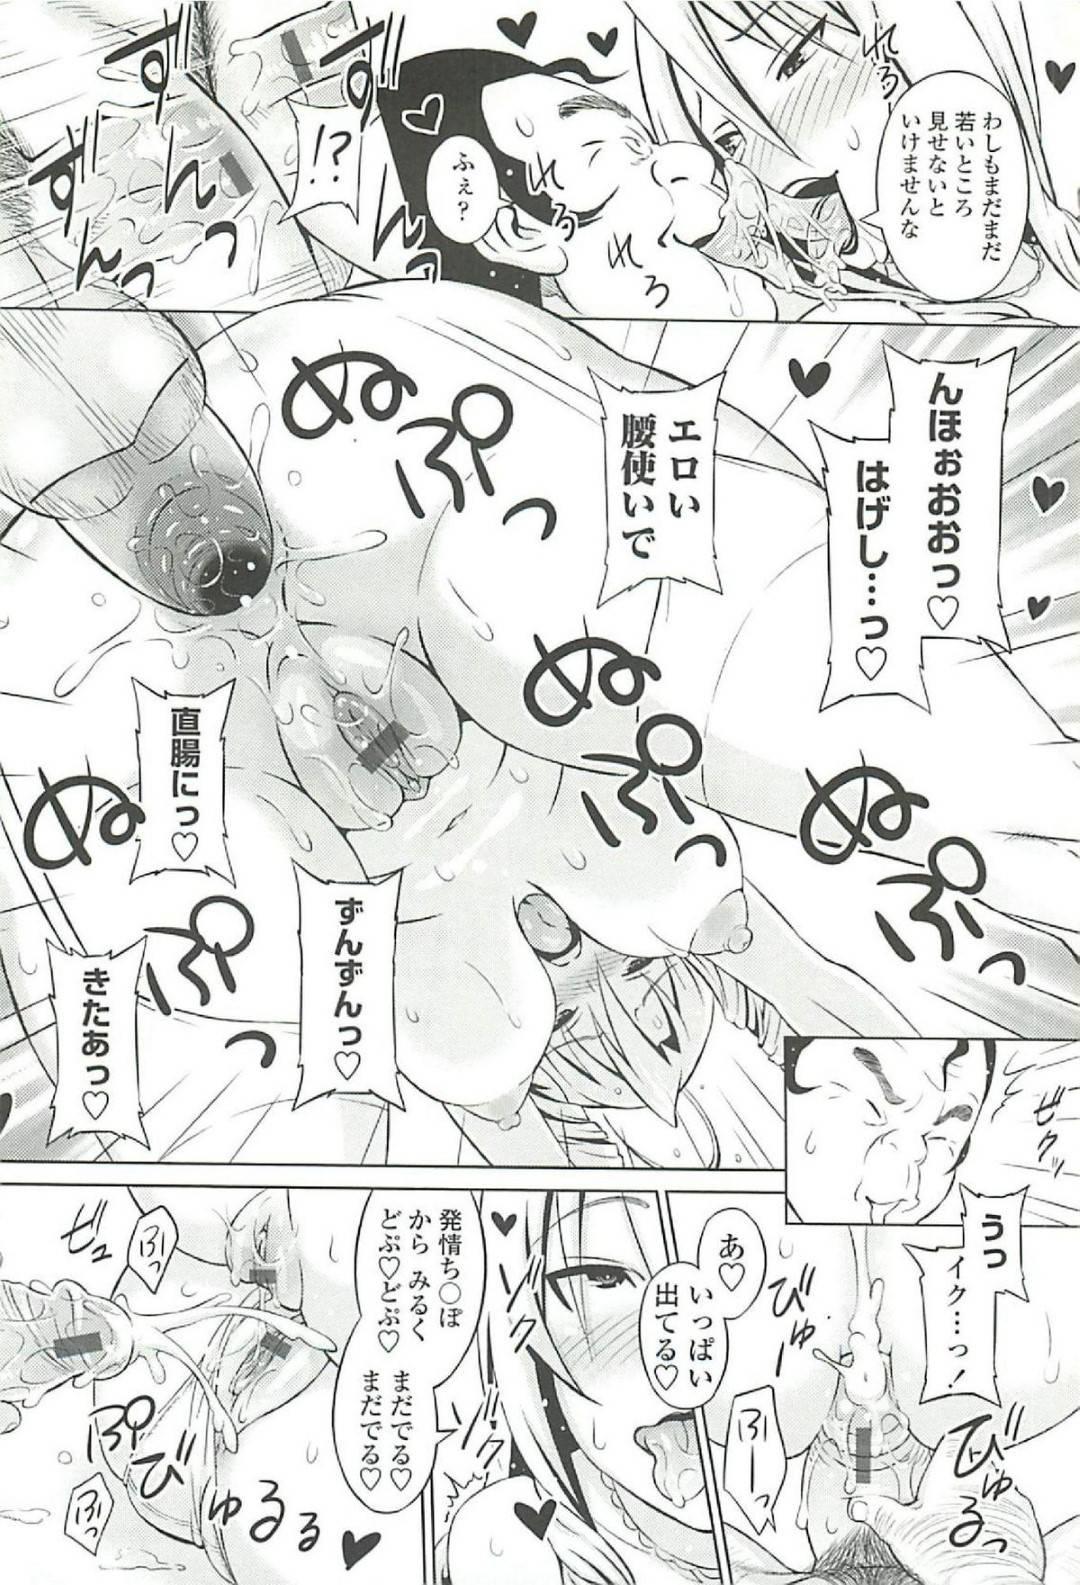 【親子丼エロ漫画】担任に生意気な態度を取っていたことが母親にバレ、スパンキング。母親は内申点を改ざんしてもらうため、娘と担任の性奴隷になり中出しセックスされる【蛹虎次郎】